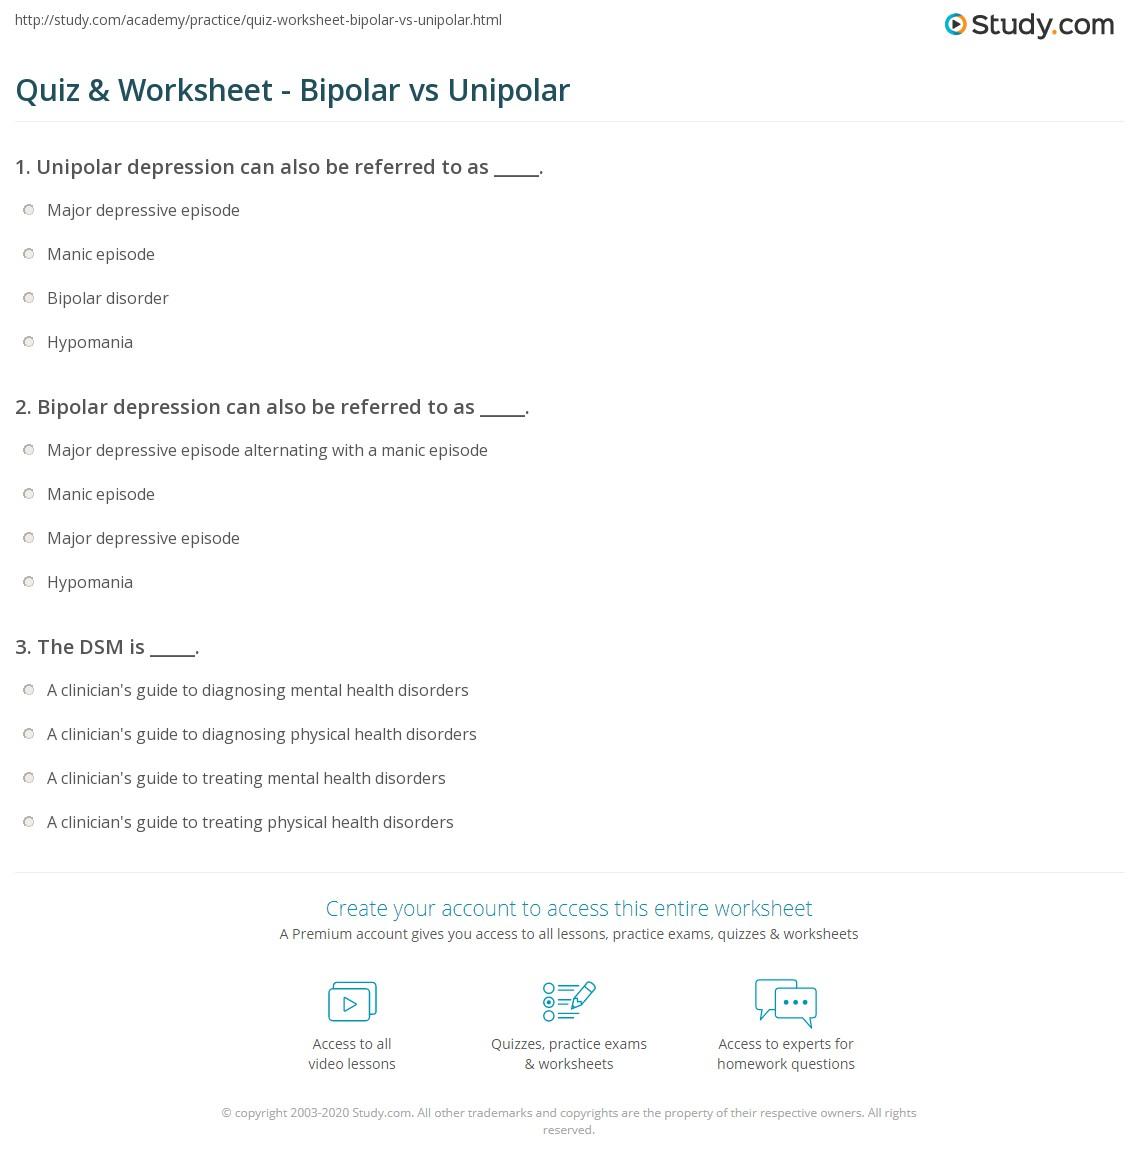 quiz & worksheet - bipolar vs unipolar | study